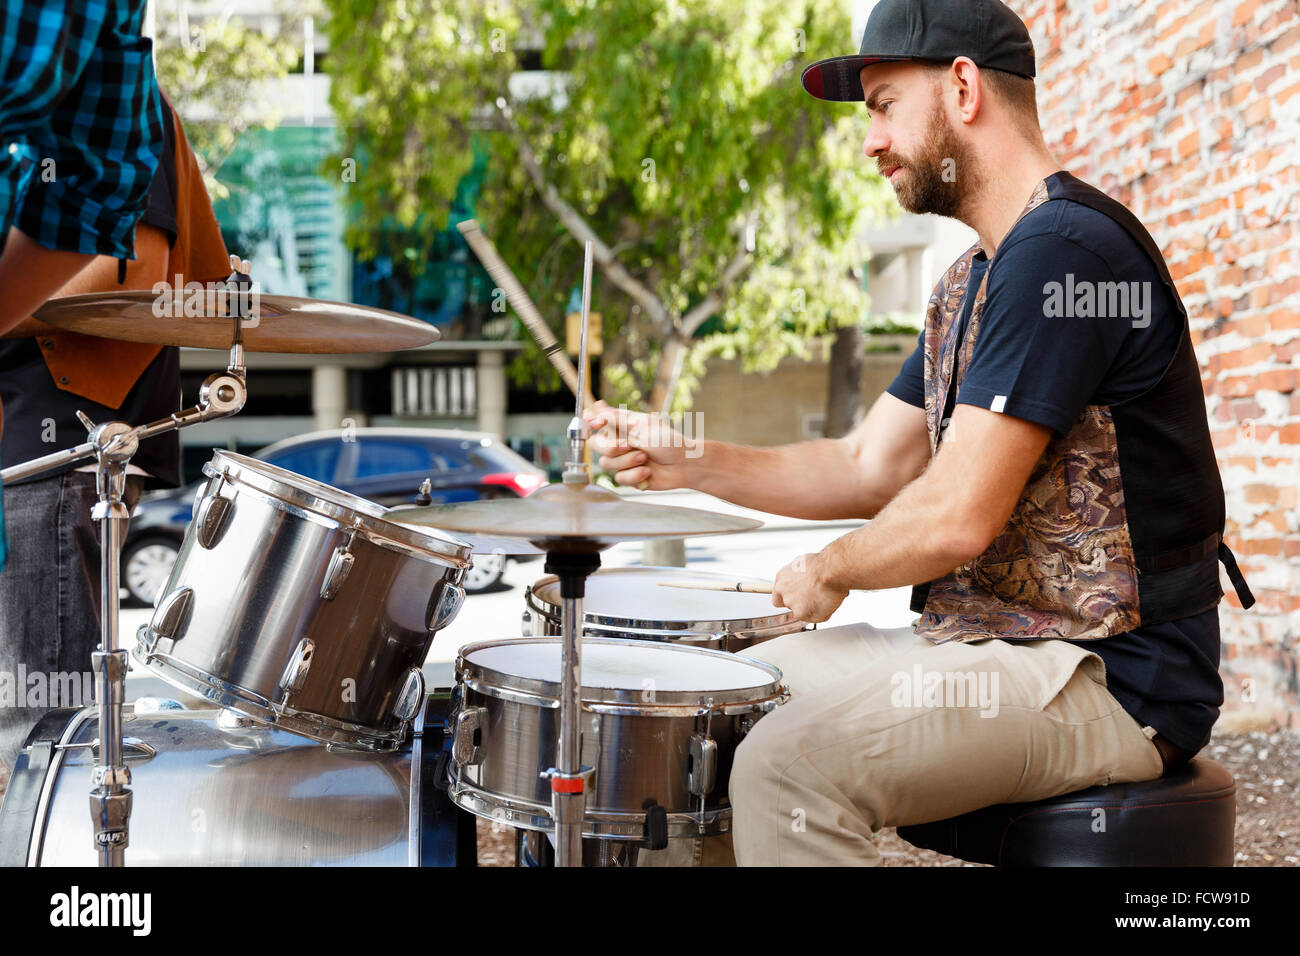 Una calle muscian tocando tambores Imagen De Stock